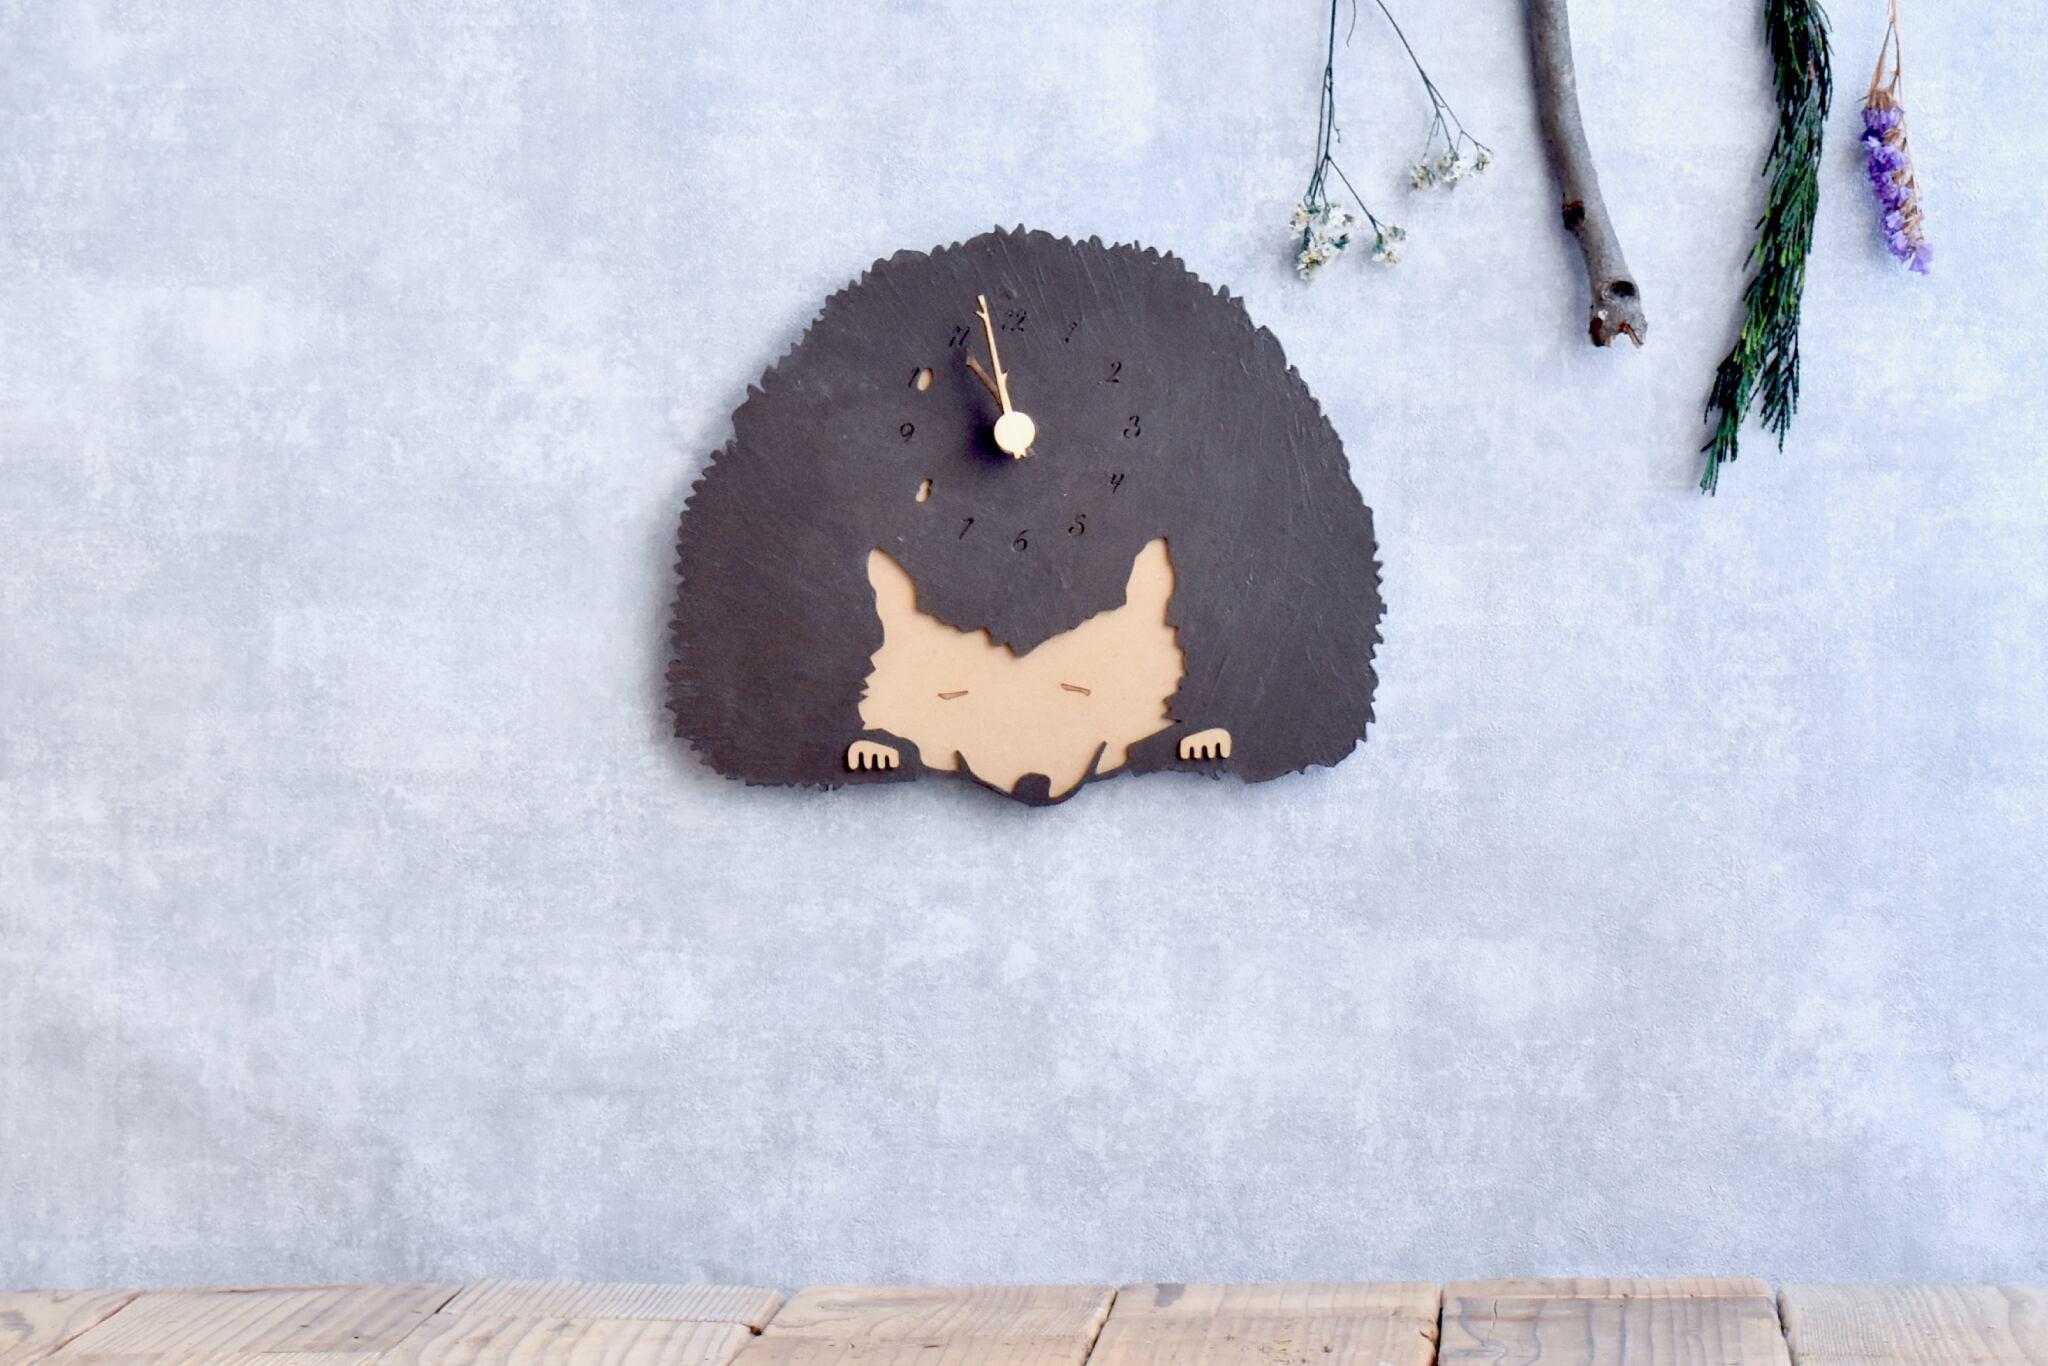 アイアンテイストを楽しむハリネズミの時計 木製 掛け時計